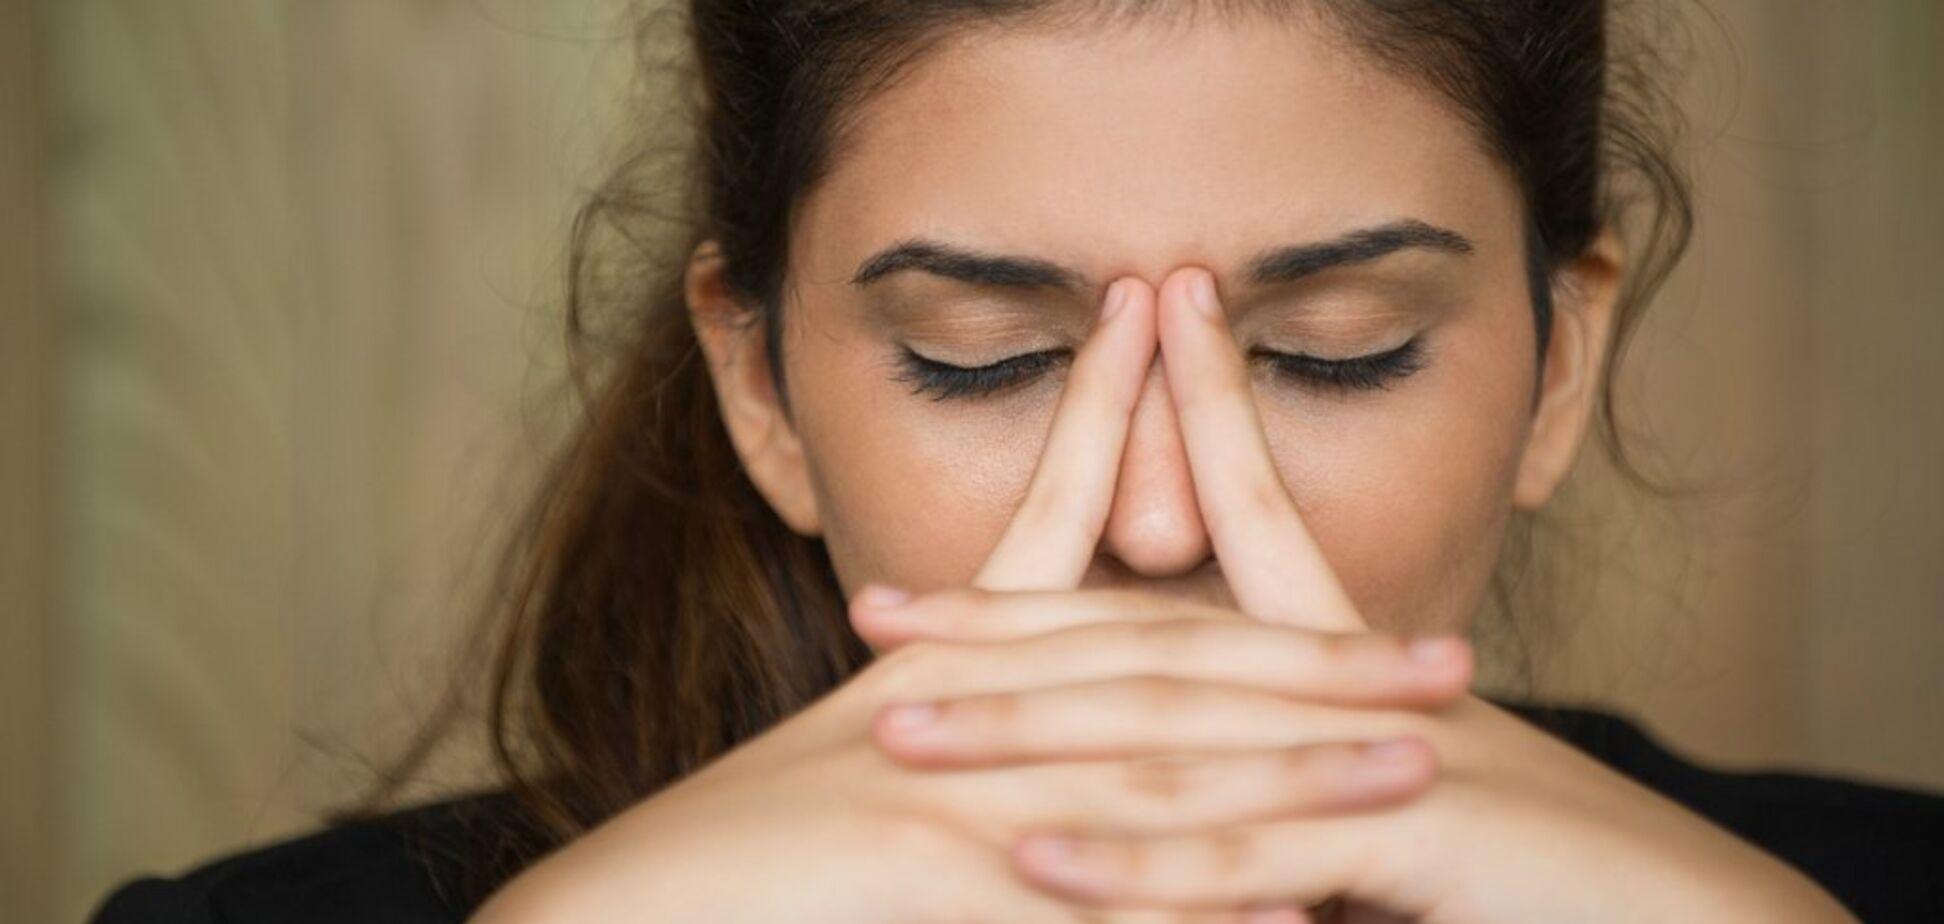 Сигнал тревоги: когда пора обращаться к психотерапевту?